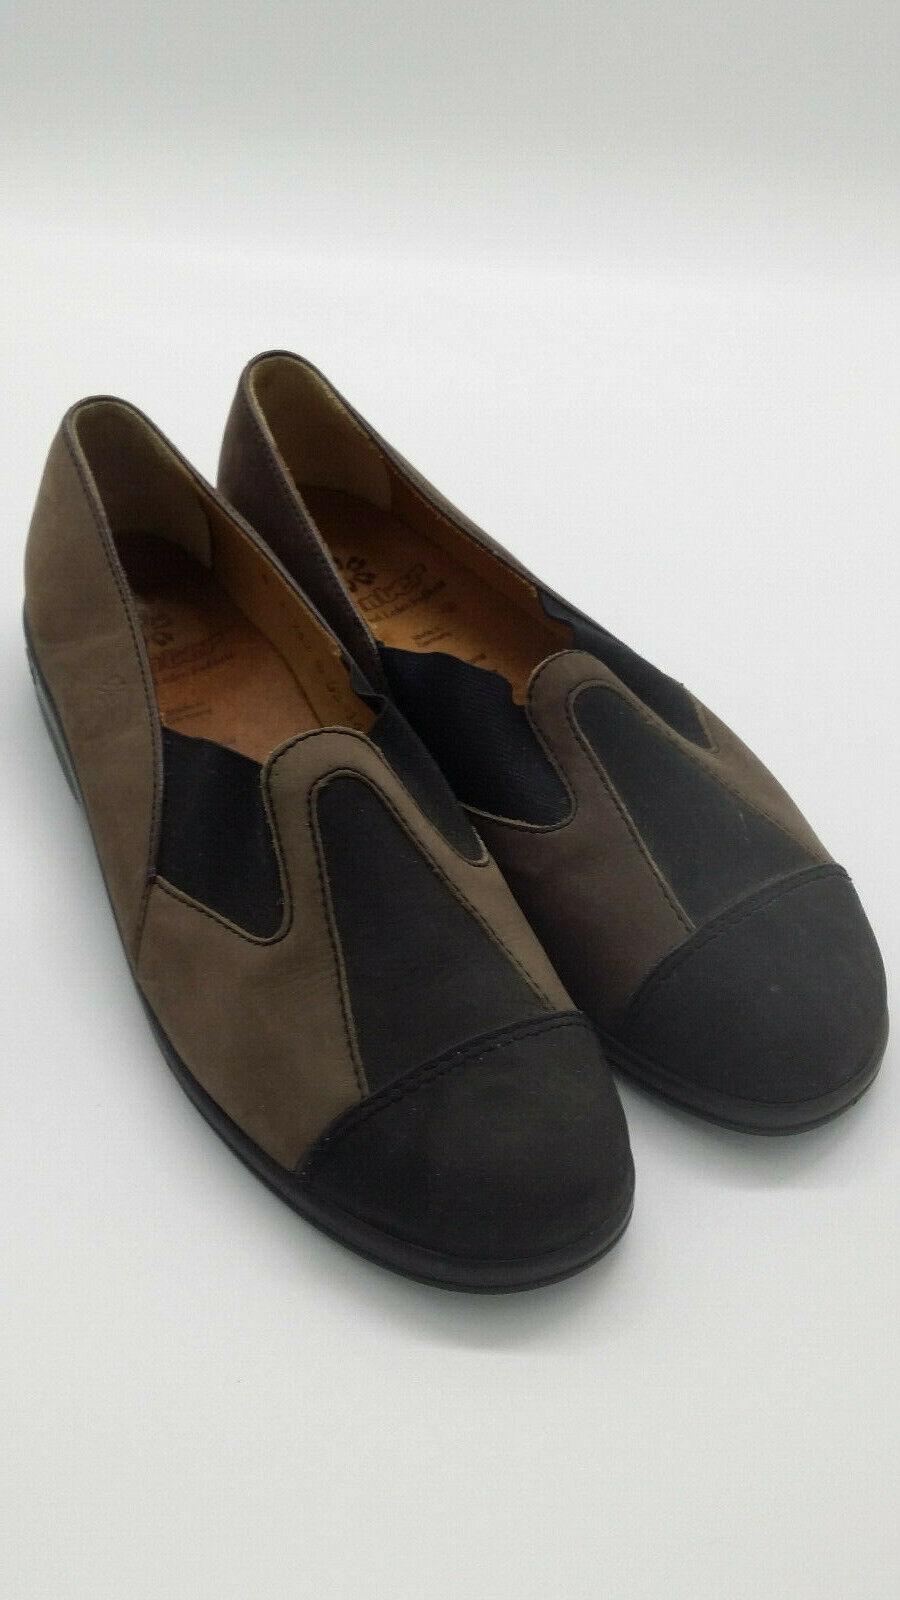 Ganter Chaussures Femmes Cuir Original Semelle intérieure taille 43 vernis Prix Recommandé 149 euros